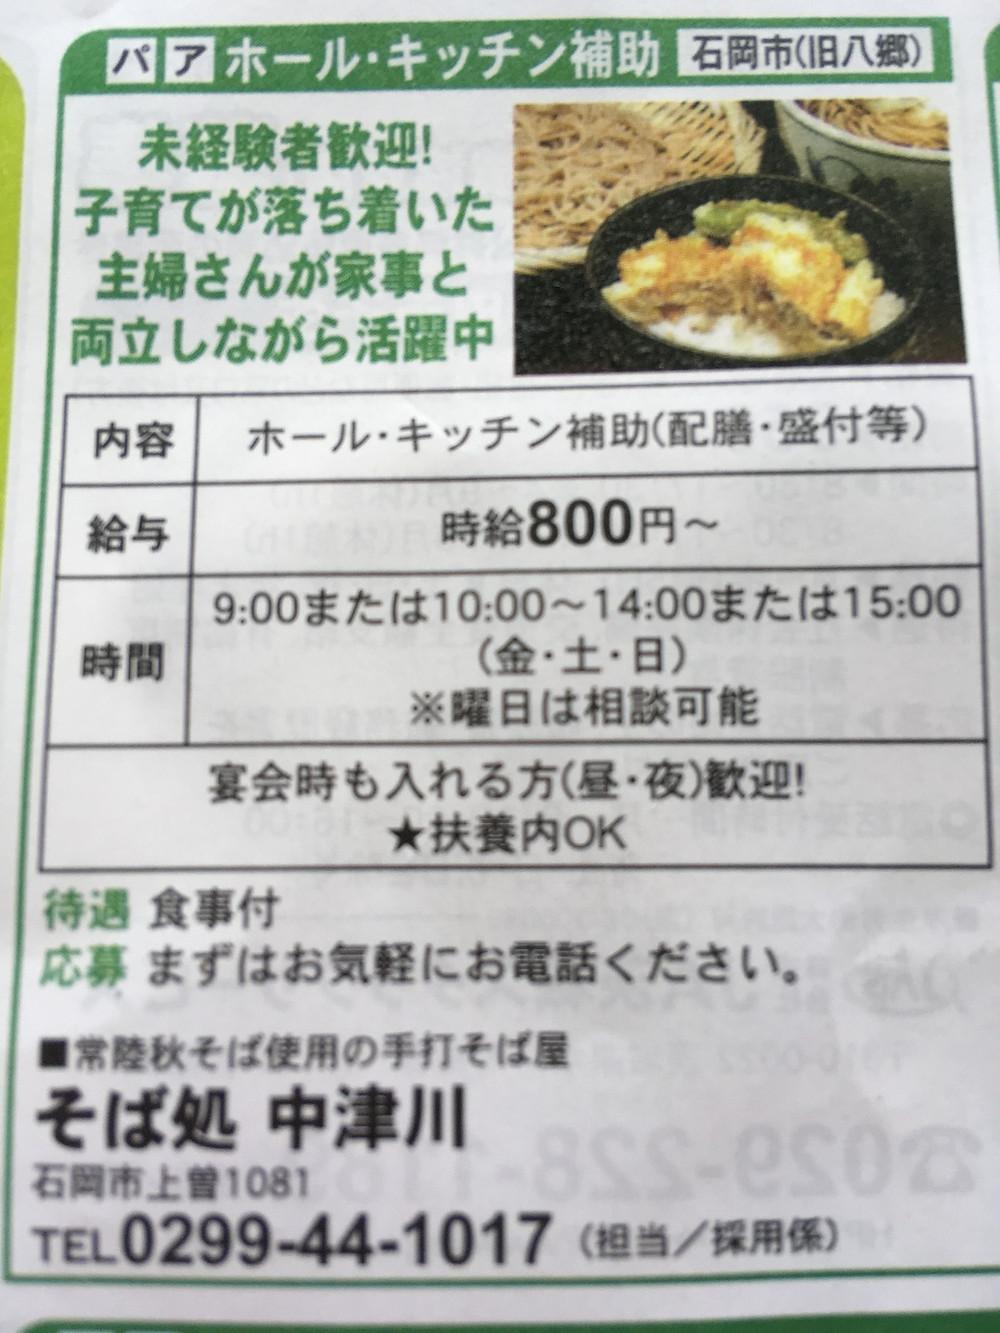 新聞の折込みに入れた中津川の求人広告